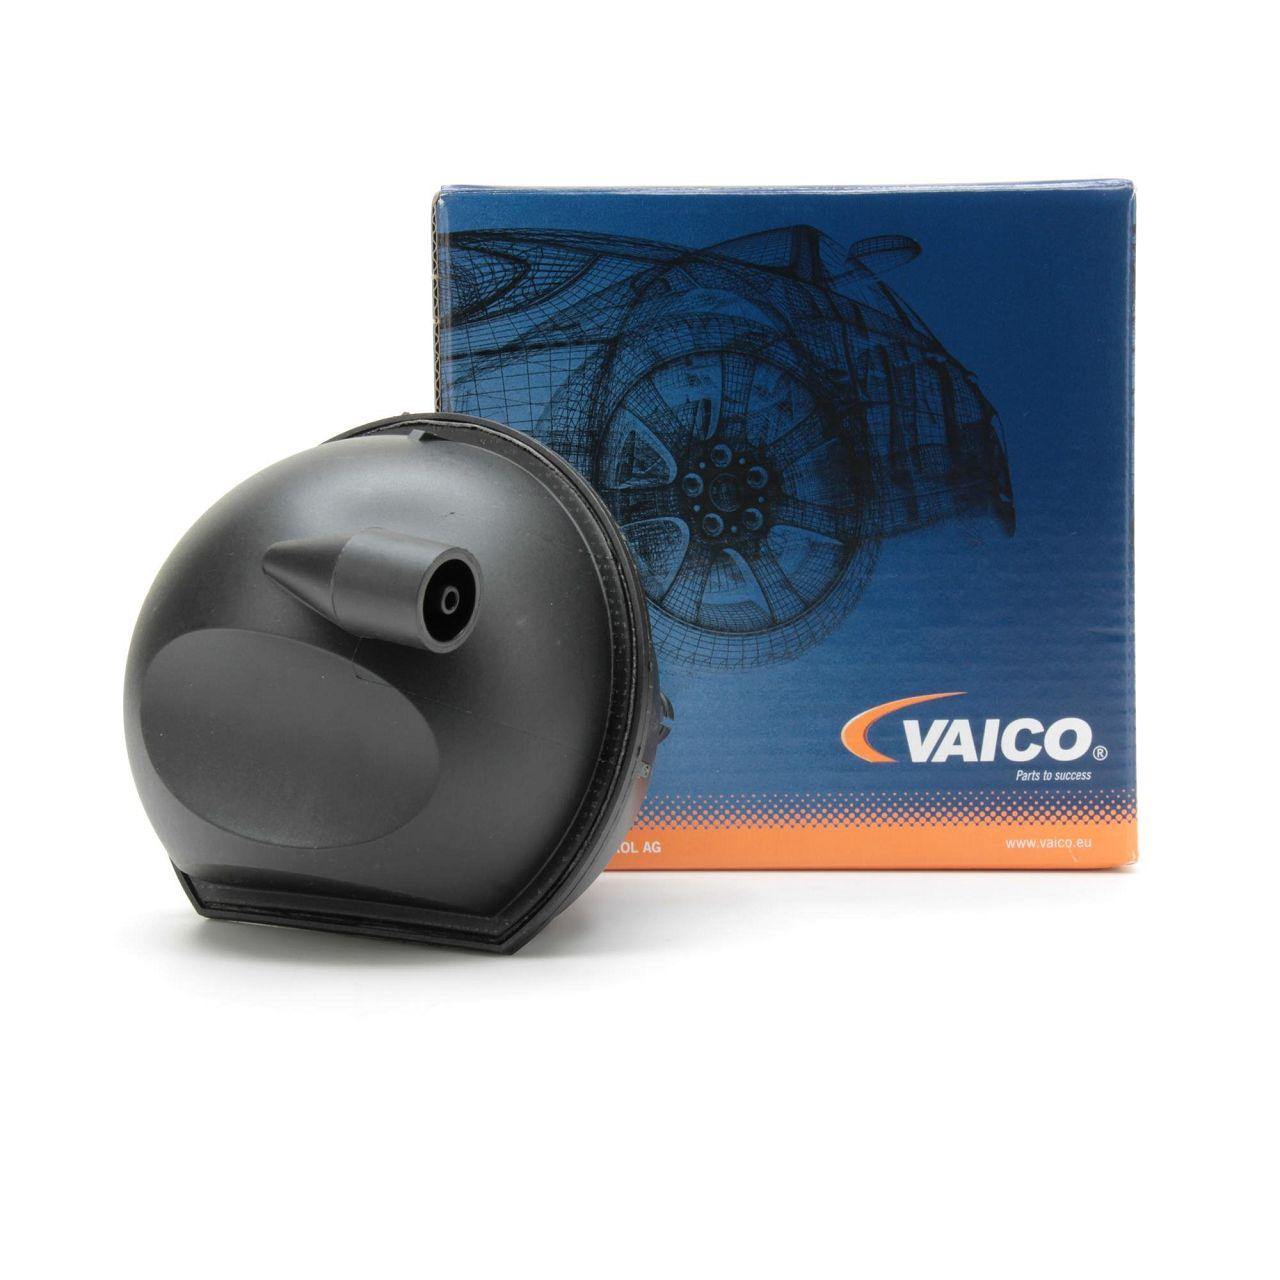 VAICO Druckspeicher Unterdruckbehälter Druckbehälter Druckdose Dämpfer 7M0129808